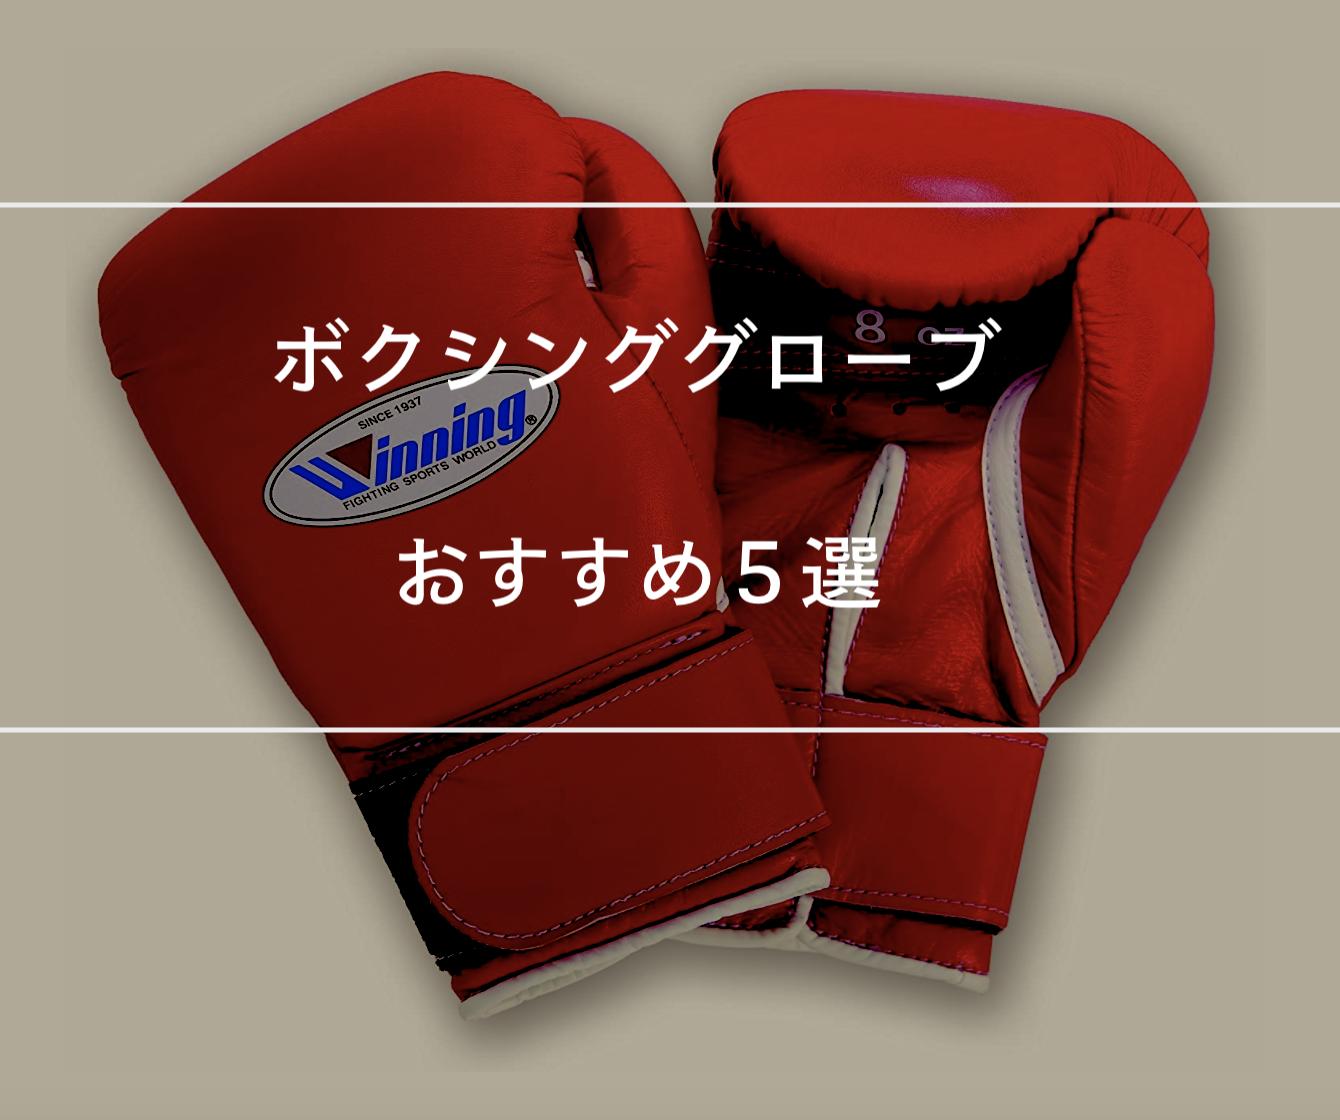 【練習用】ボクシンググローブのおすすめ5選を紹介します。